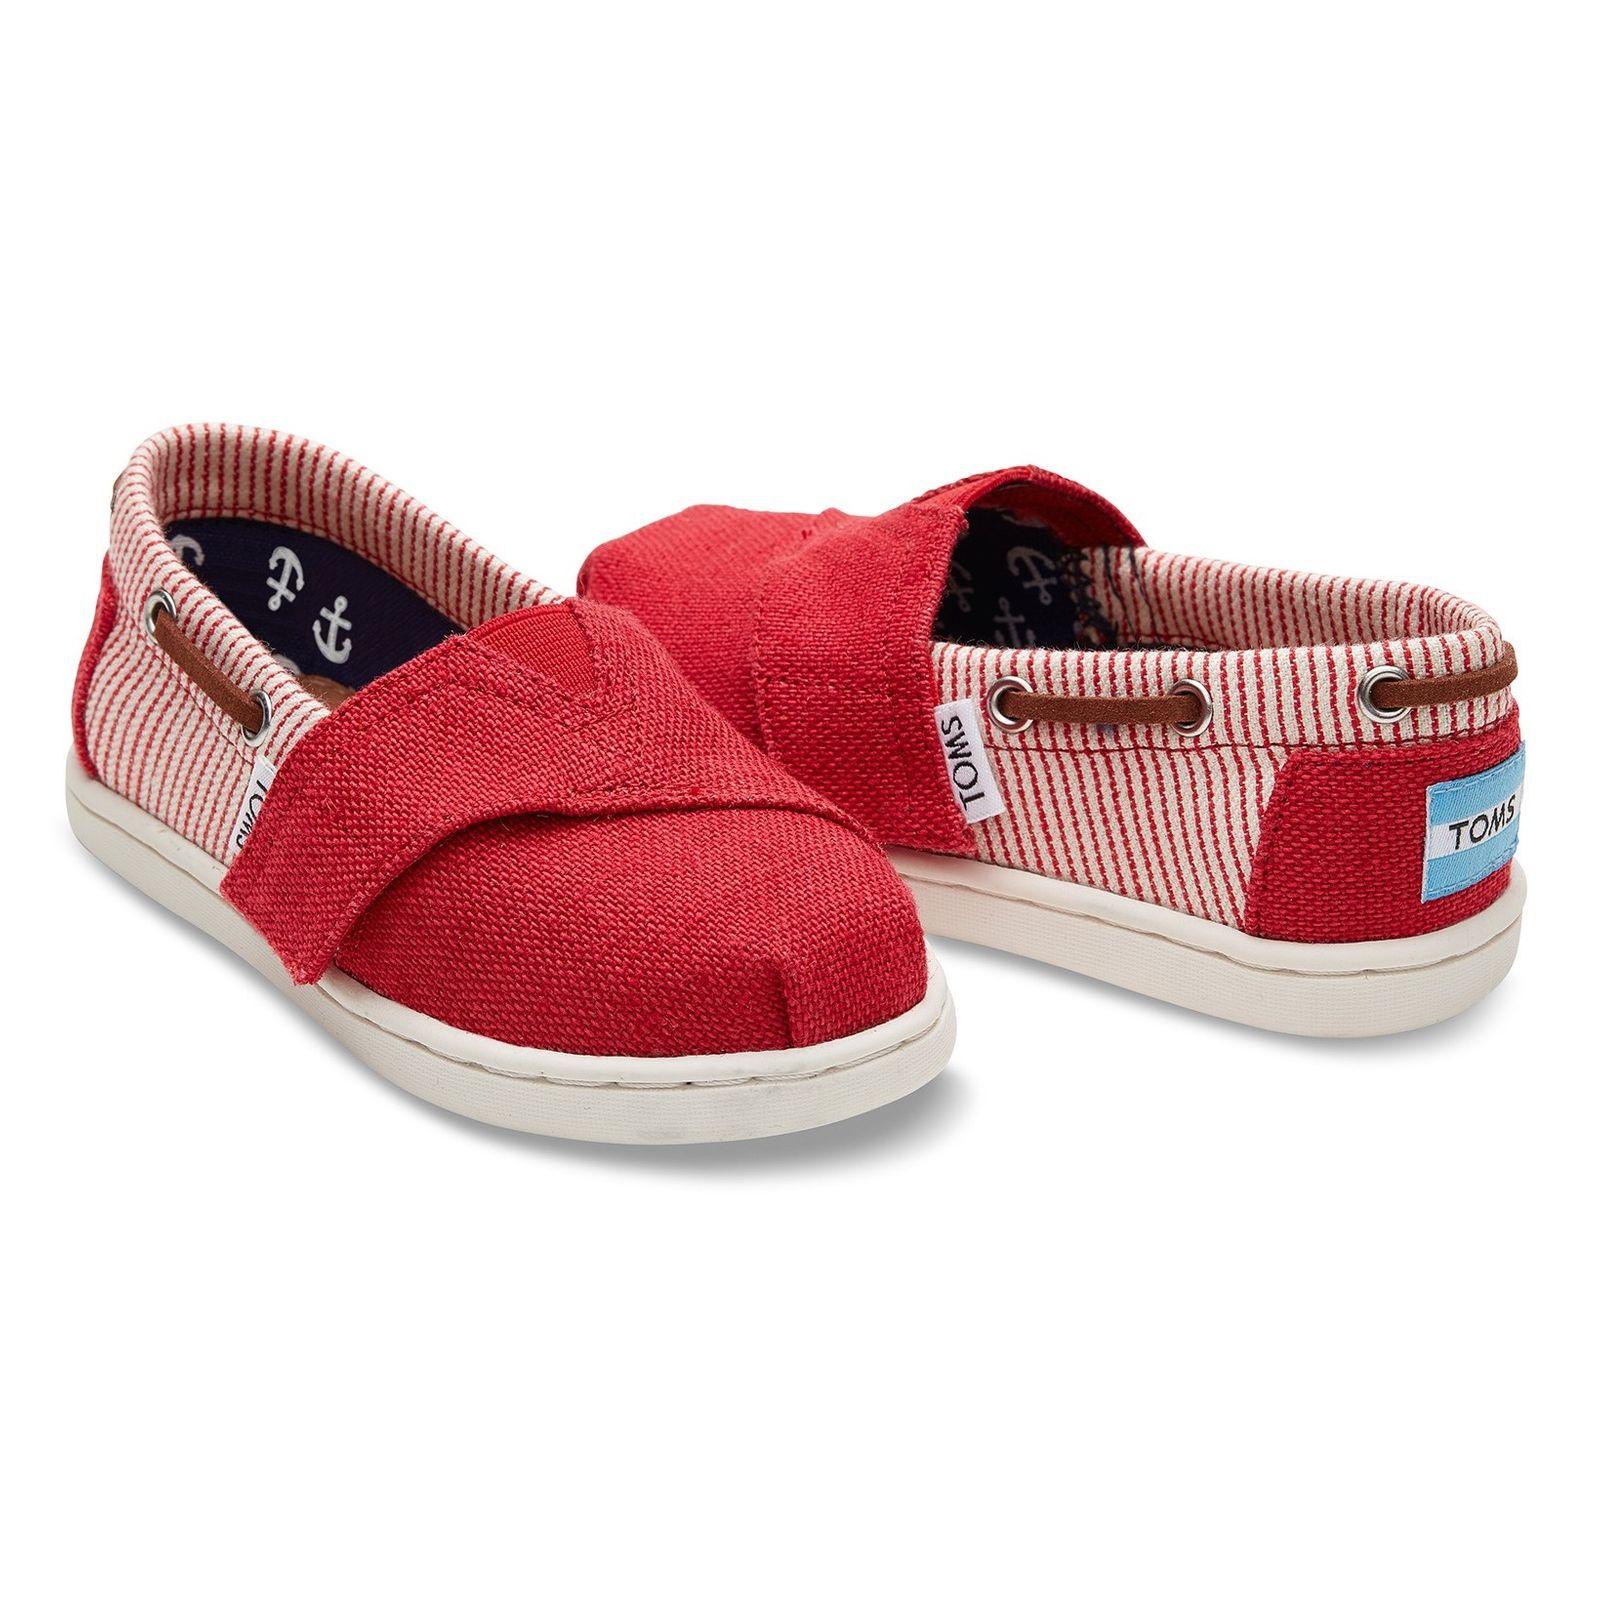 کفش راحتی پارچه ای بچه گانه - تامز - قرمز - 3